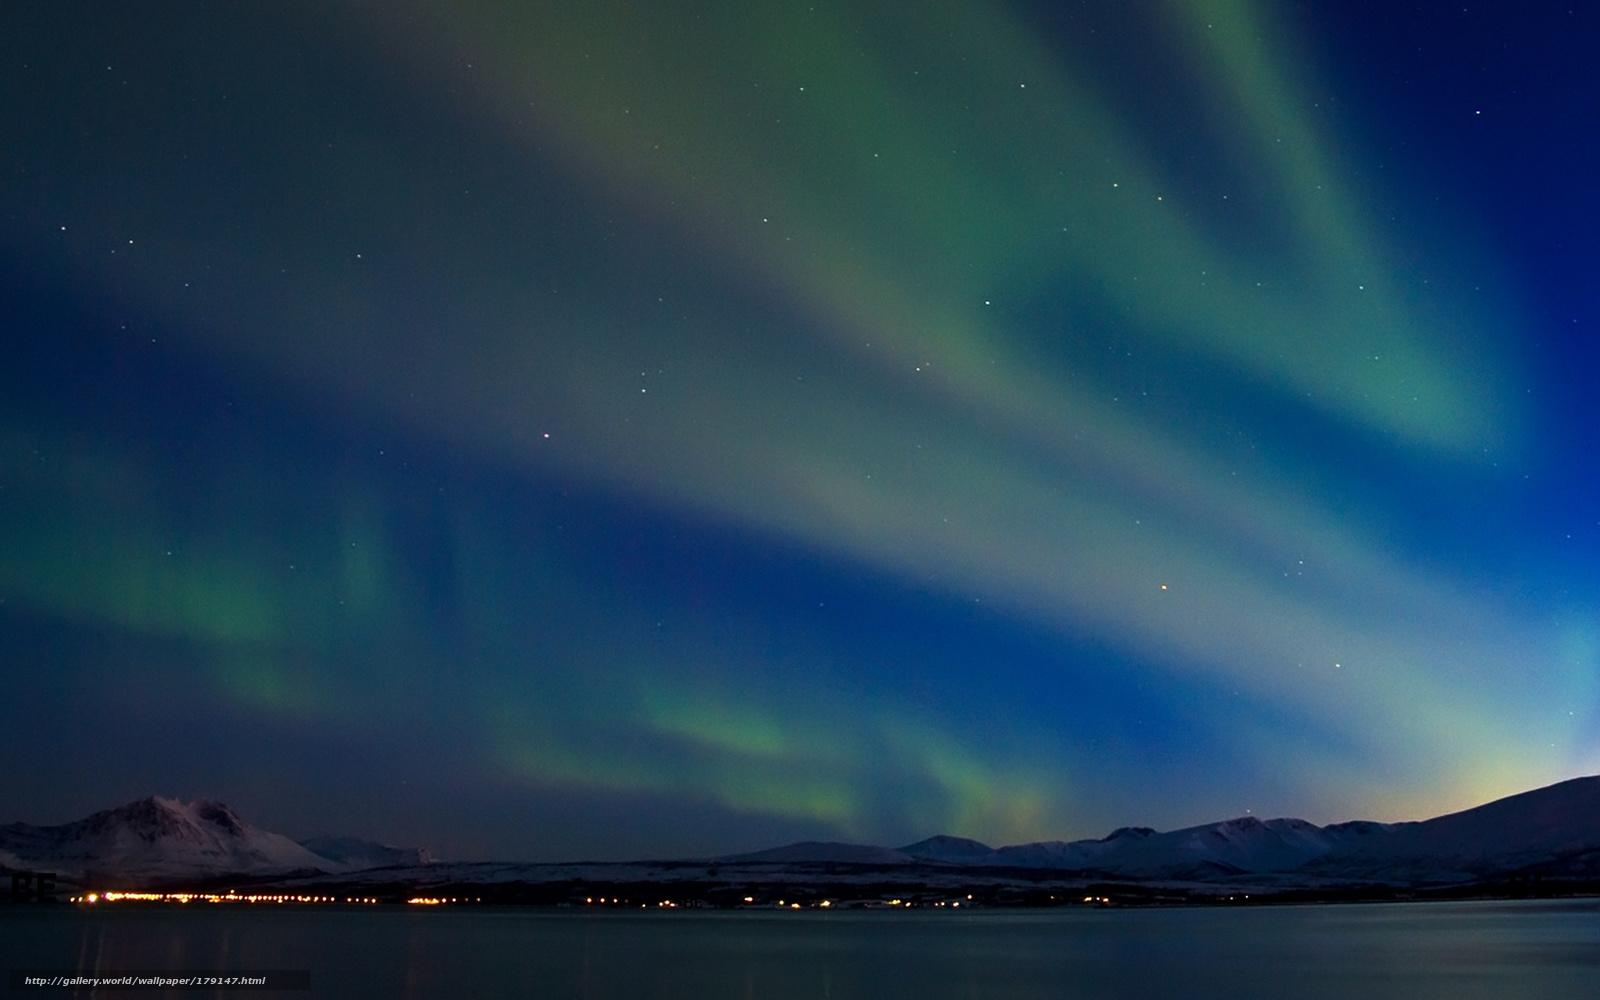 Scaricare gli sfondi inverno montagne aurora boreale for Sfondi aurora boreale